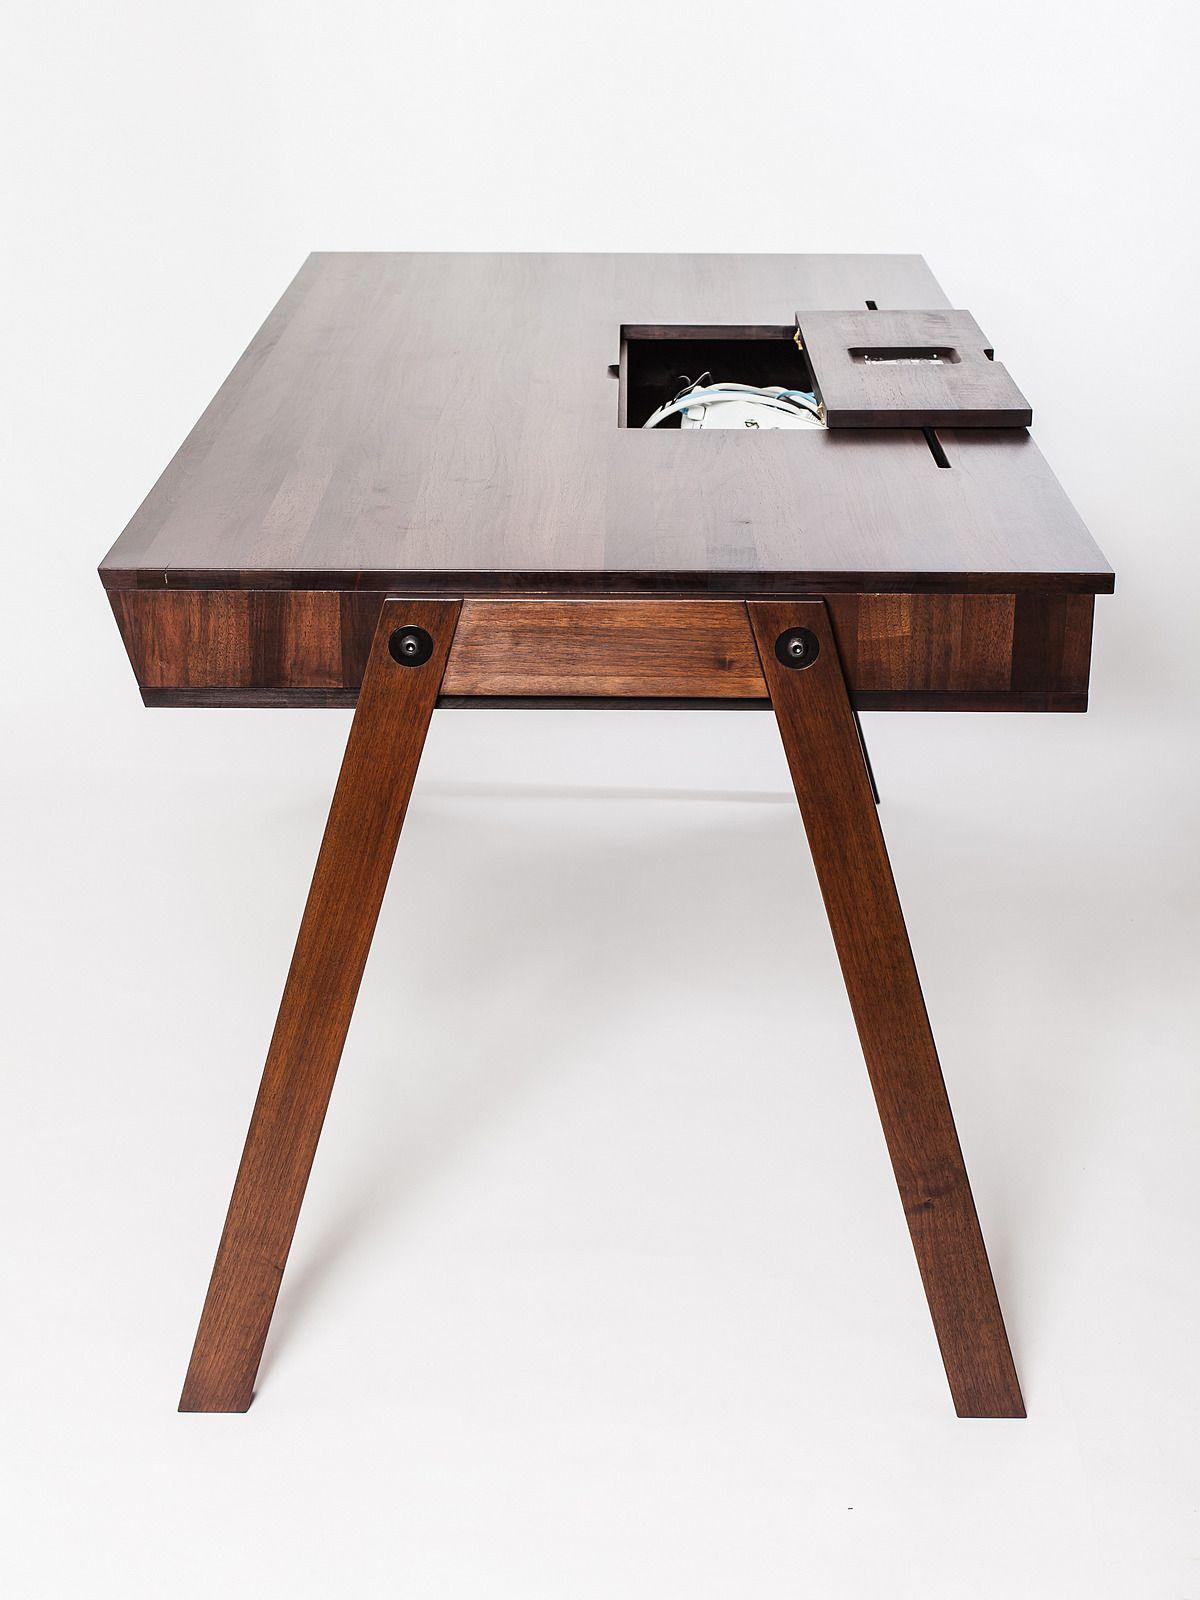 Tt Gn Ladeluke Schreibtisch Schone Schreibtische Tisch